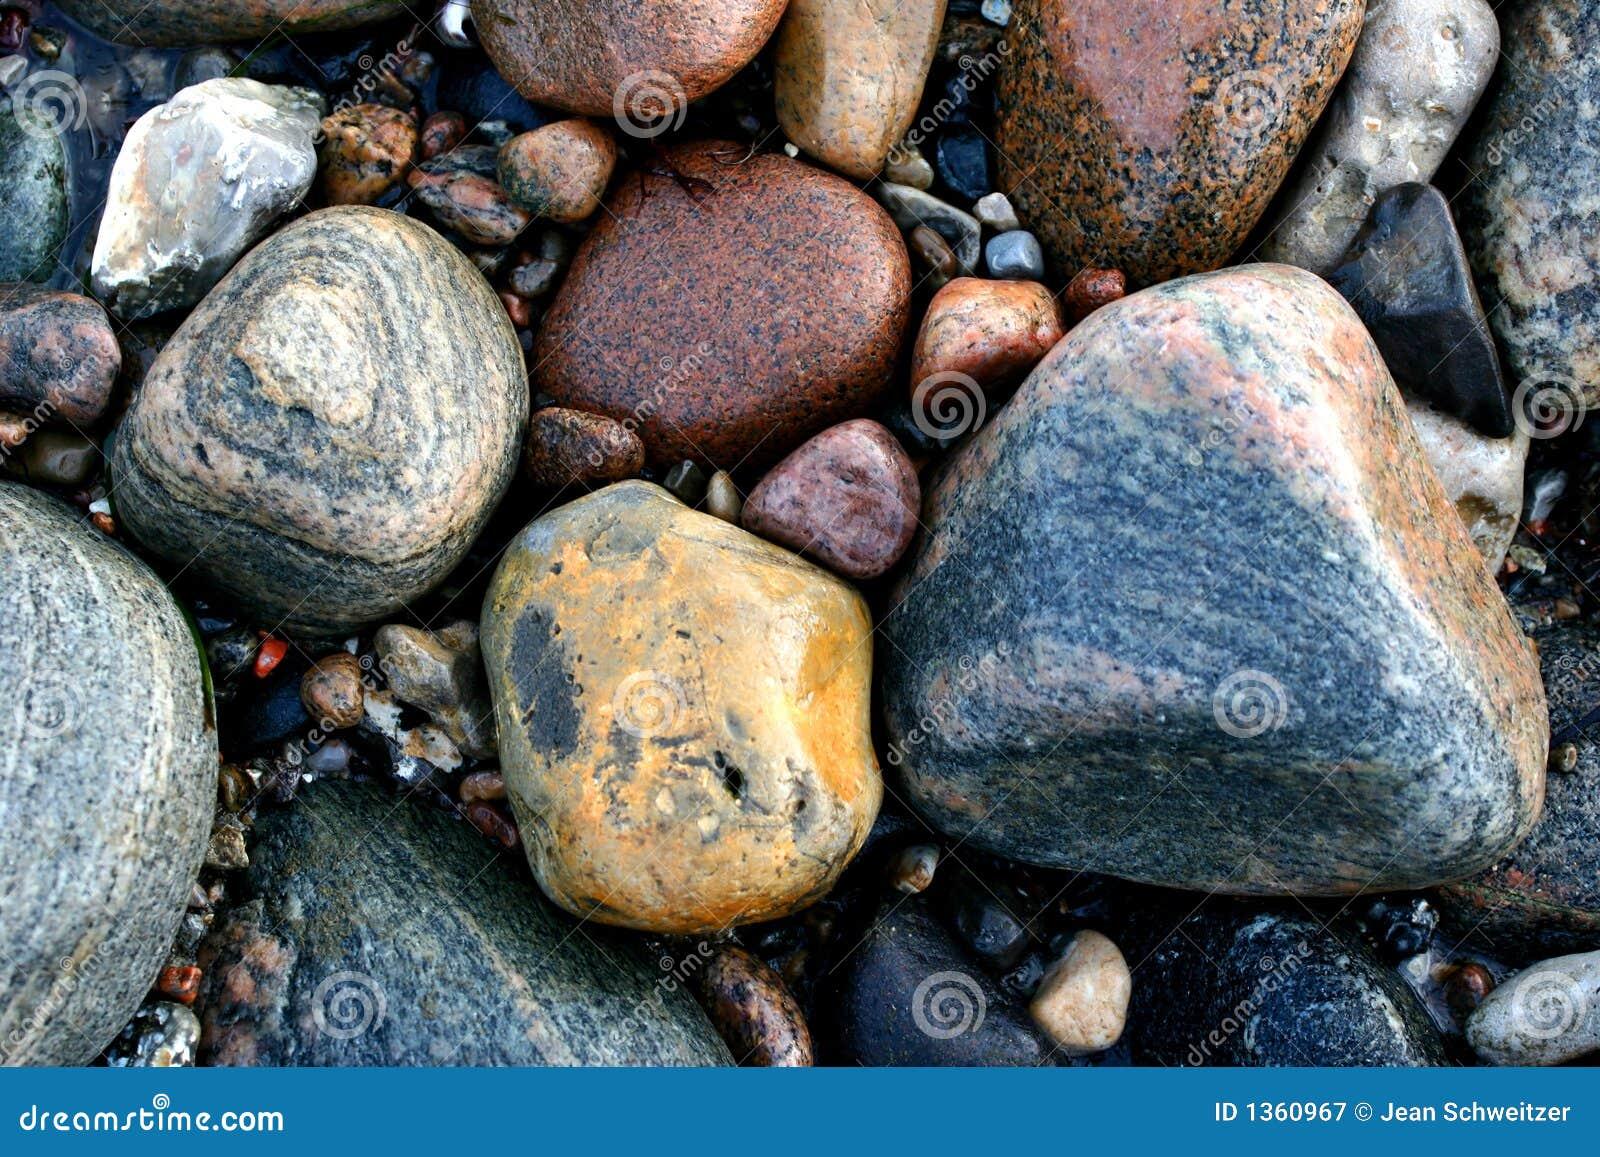 on stones ocean - photo #23